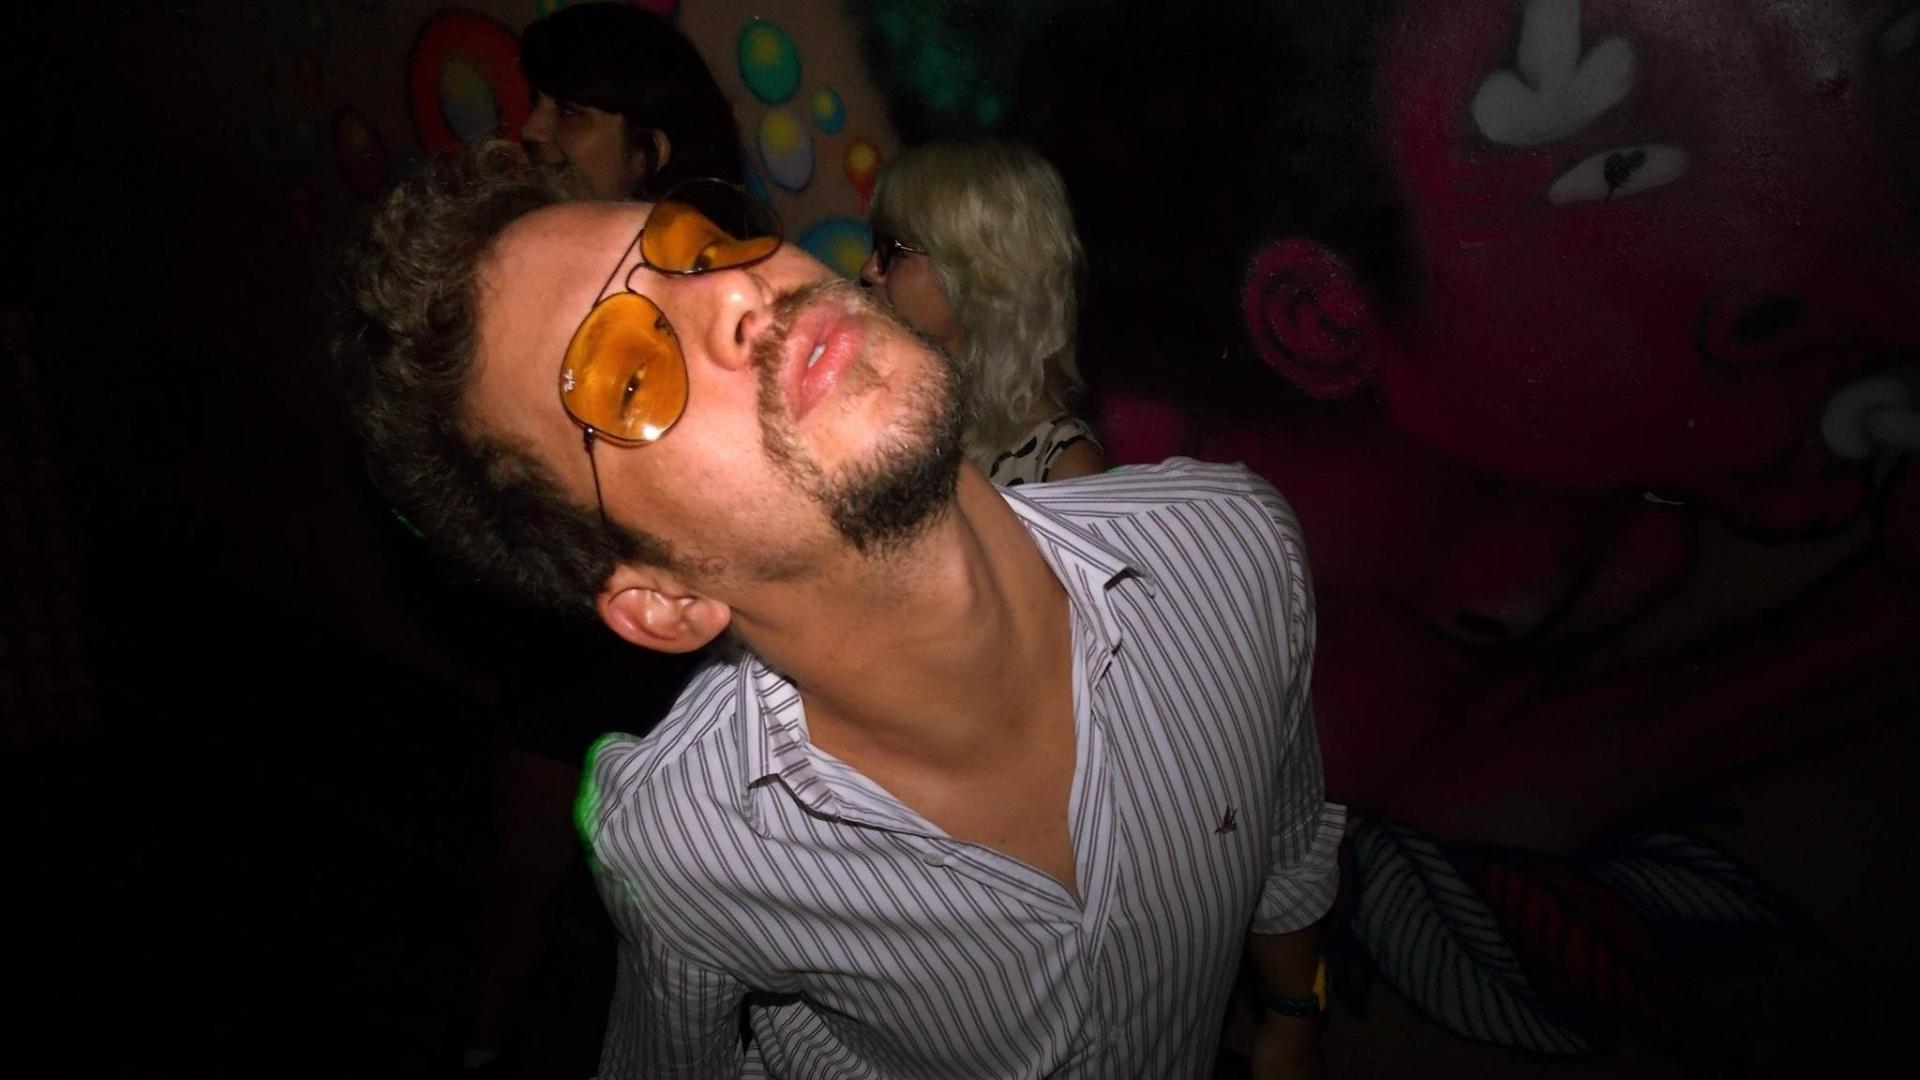 3.jan.2013 - O artista plástico Aslan, do BBB13, em foto tirada na noite pernambucana